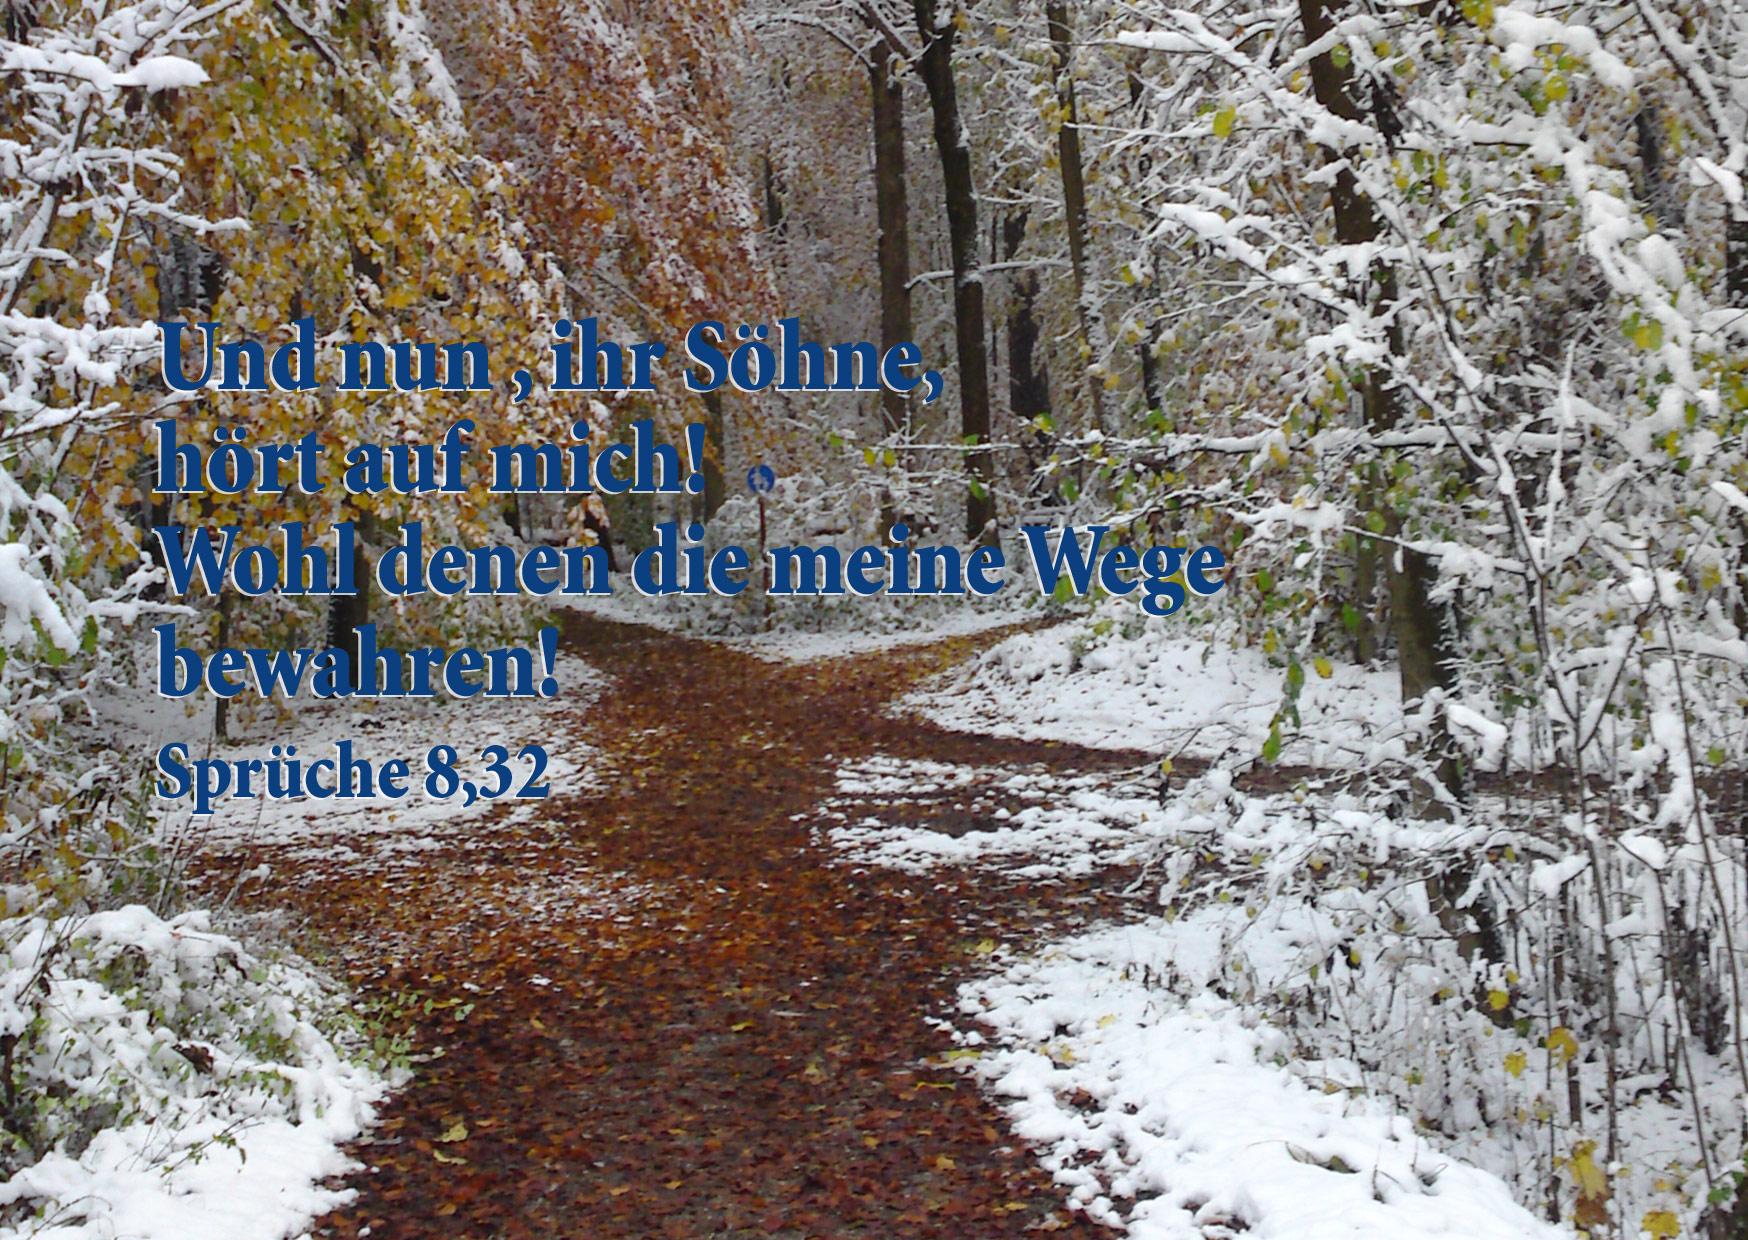 Bibelzitat für jeden Tag, Sprüche 8,32, Weg